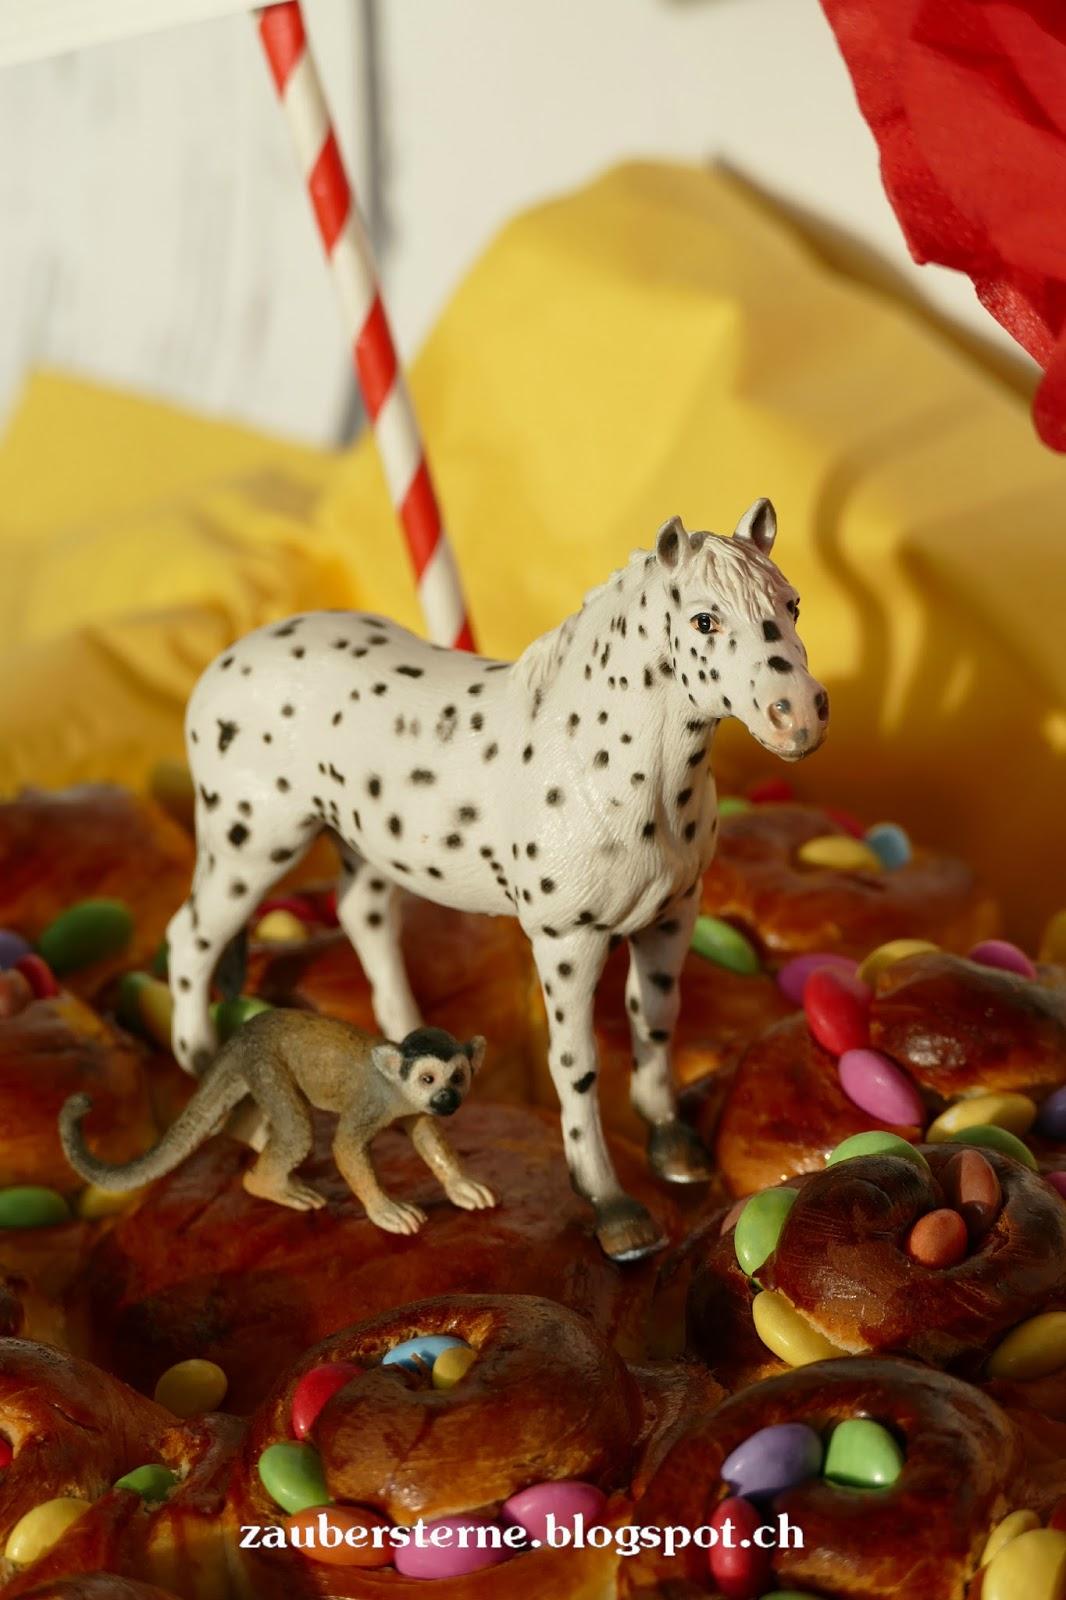 zaubersterne : Pippi Langstrumpf Kuchen